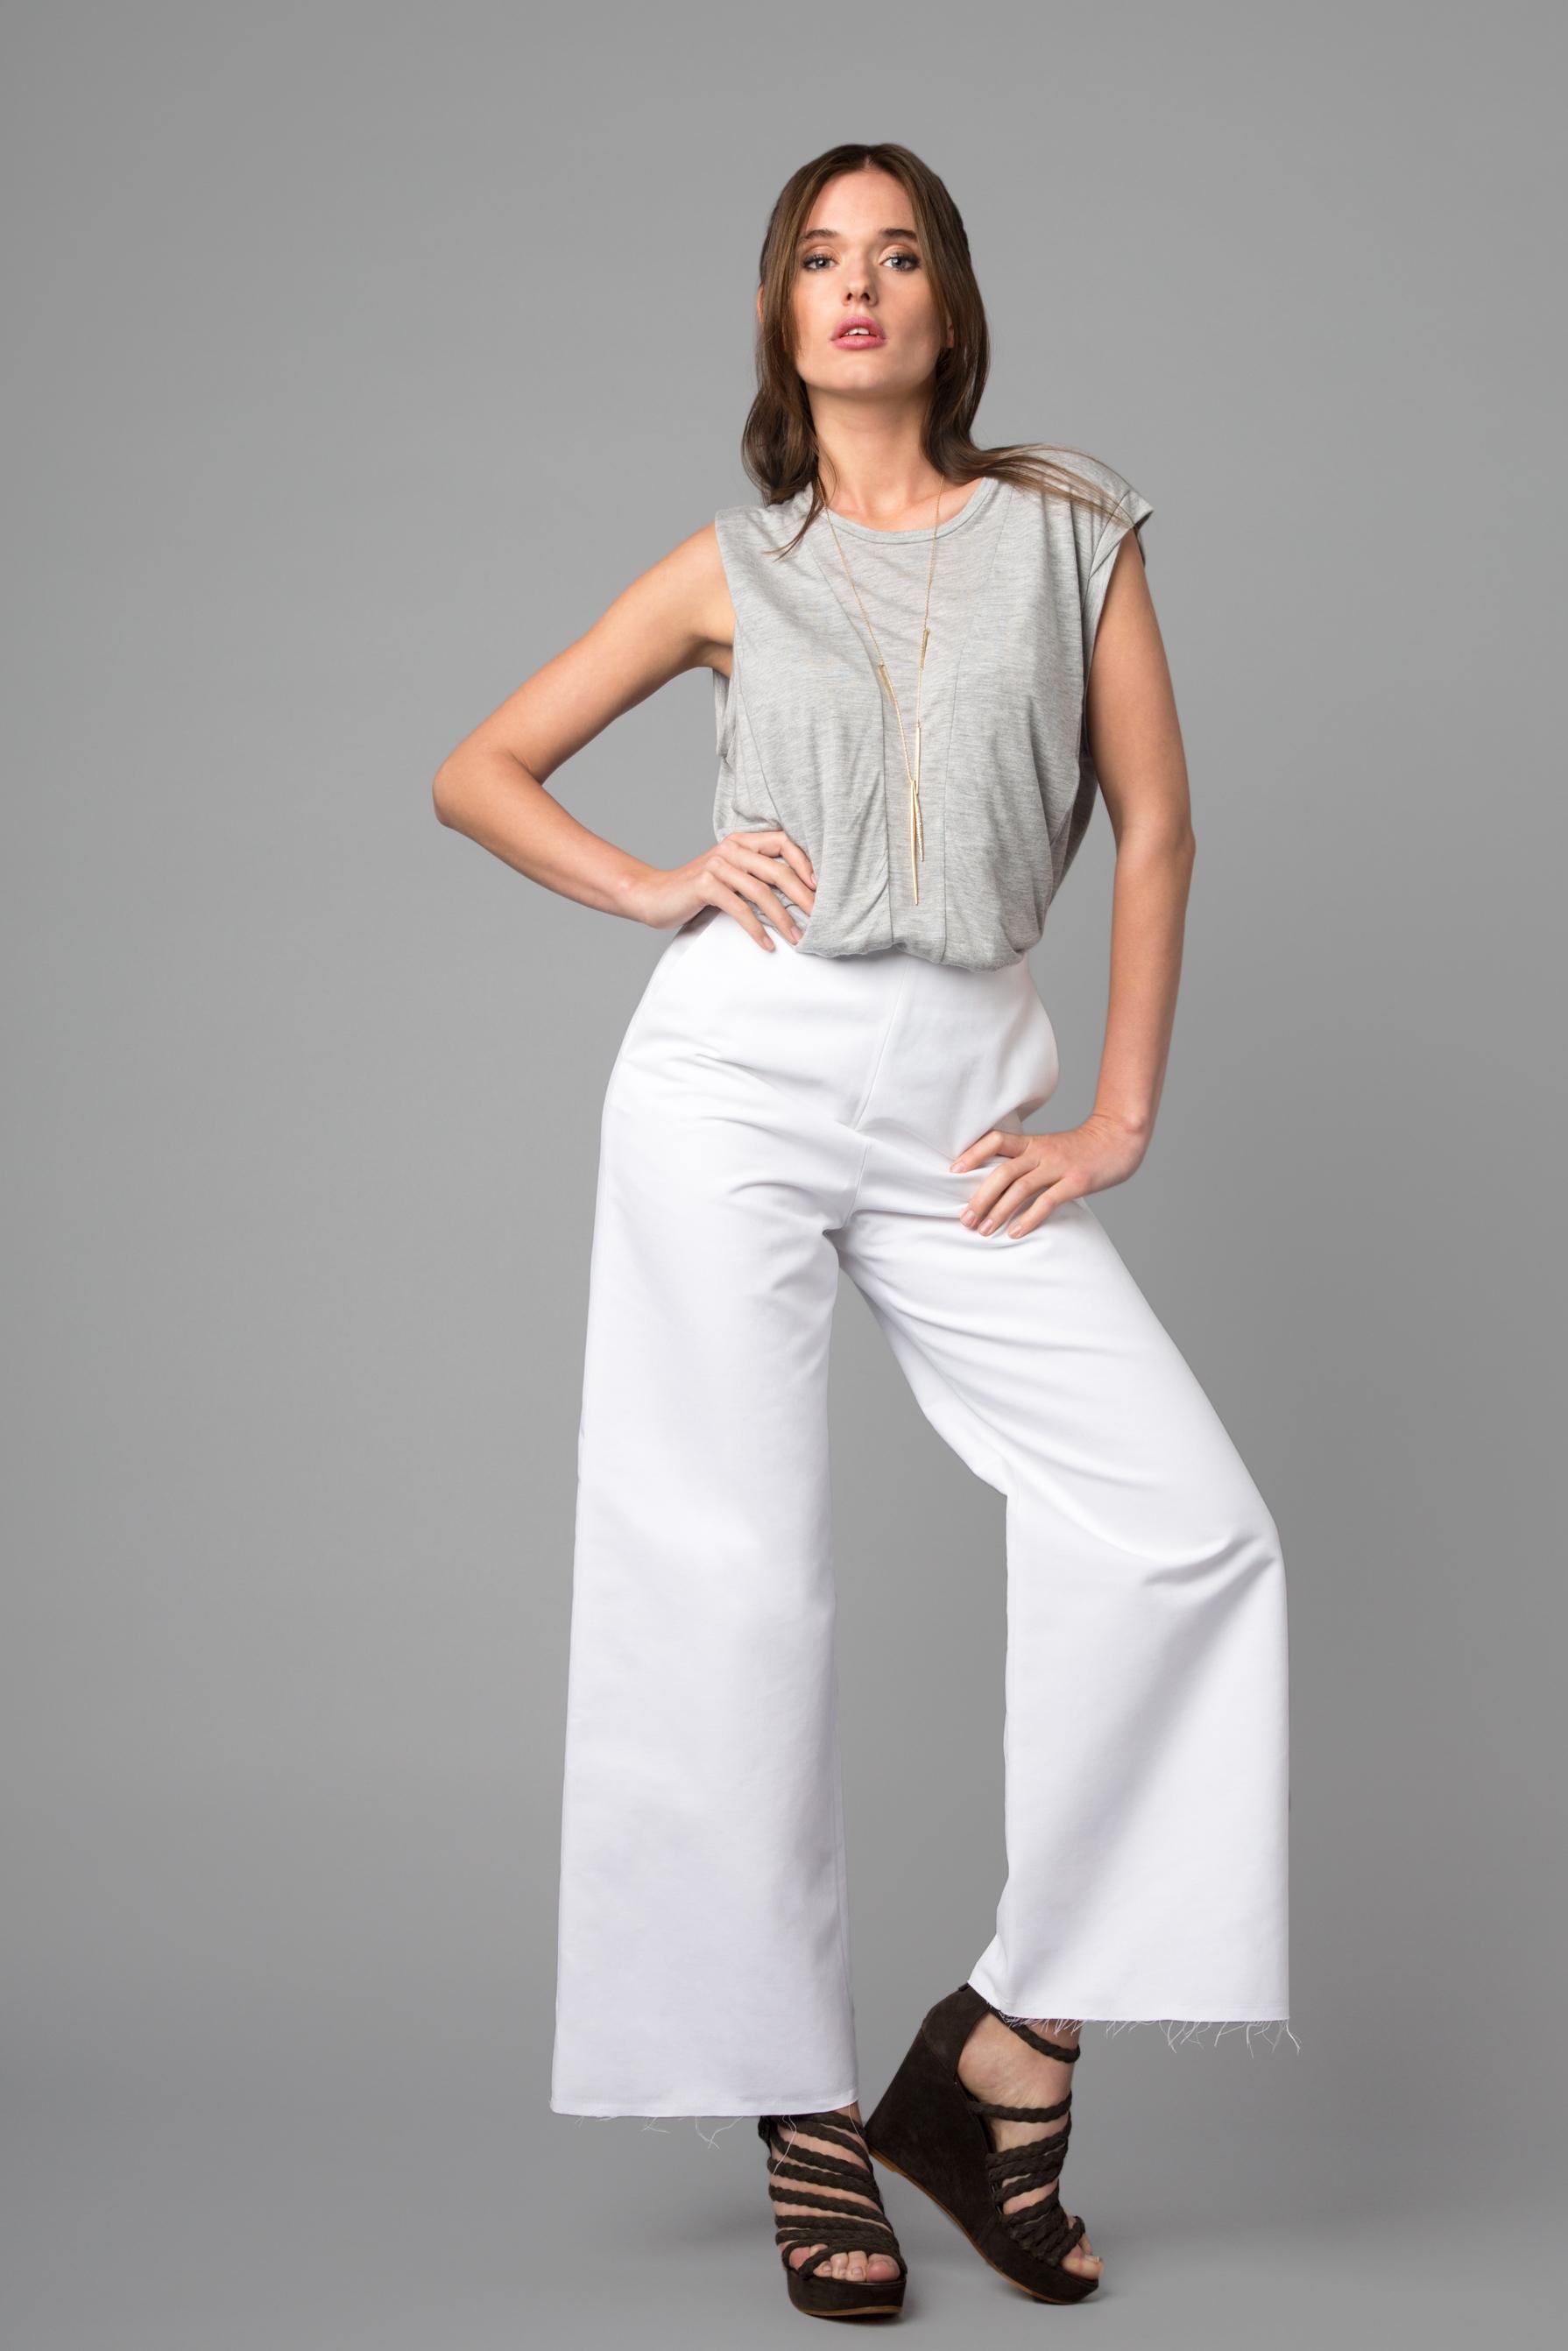 DinaKantor-Fashion-43.jpg